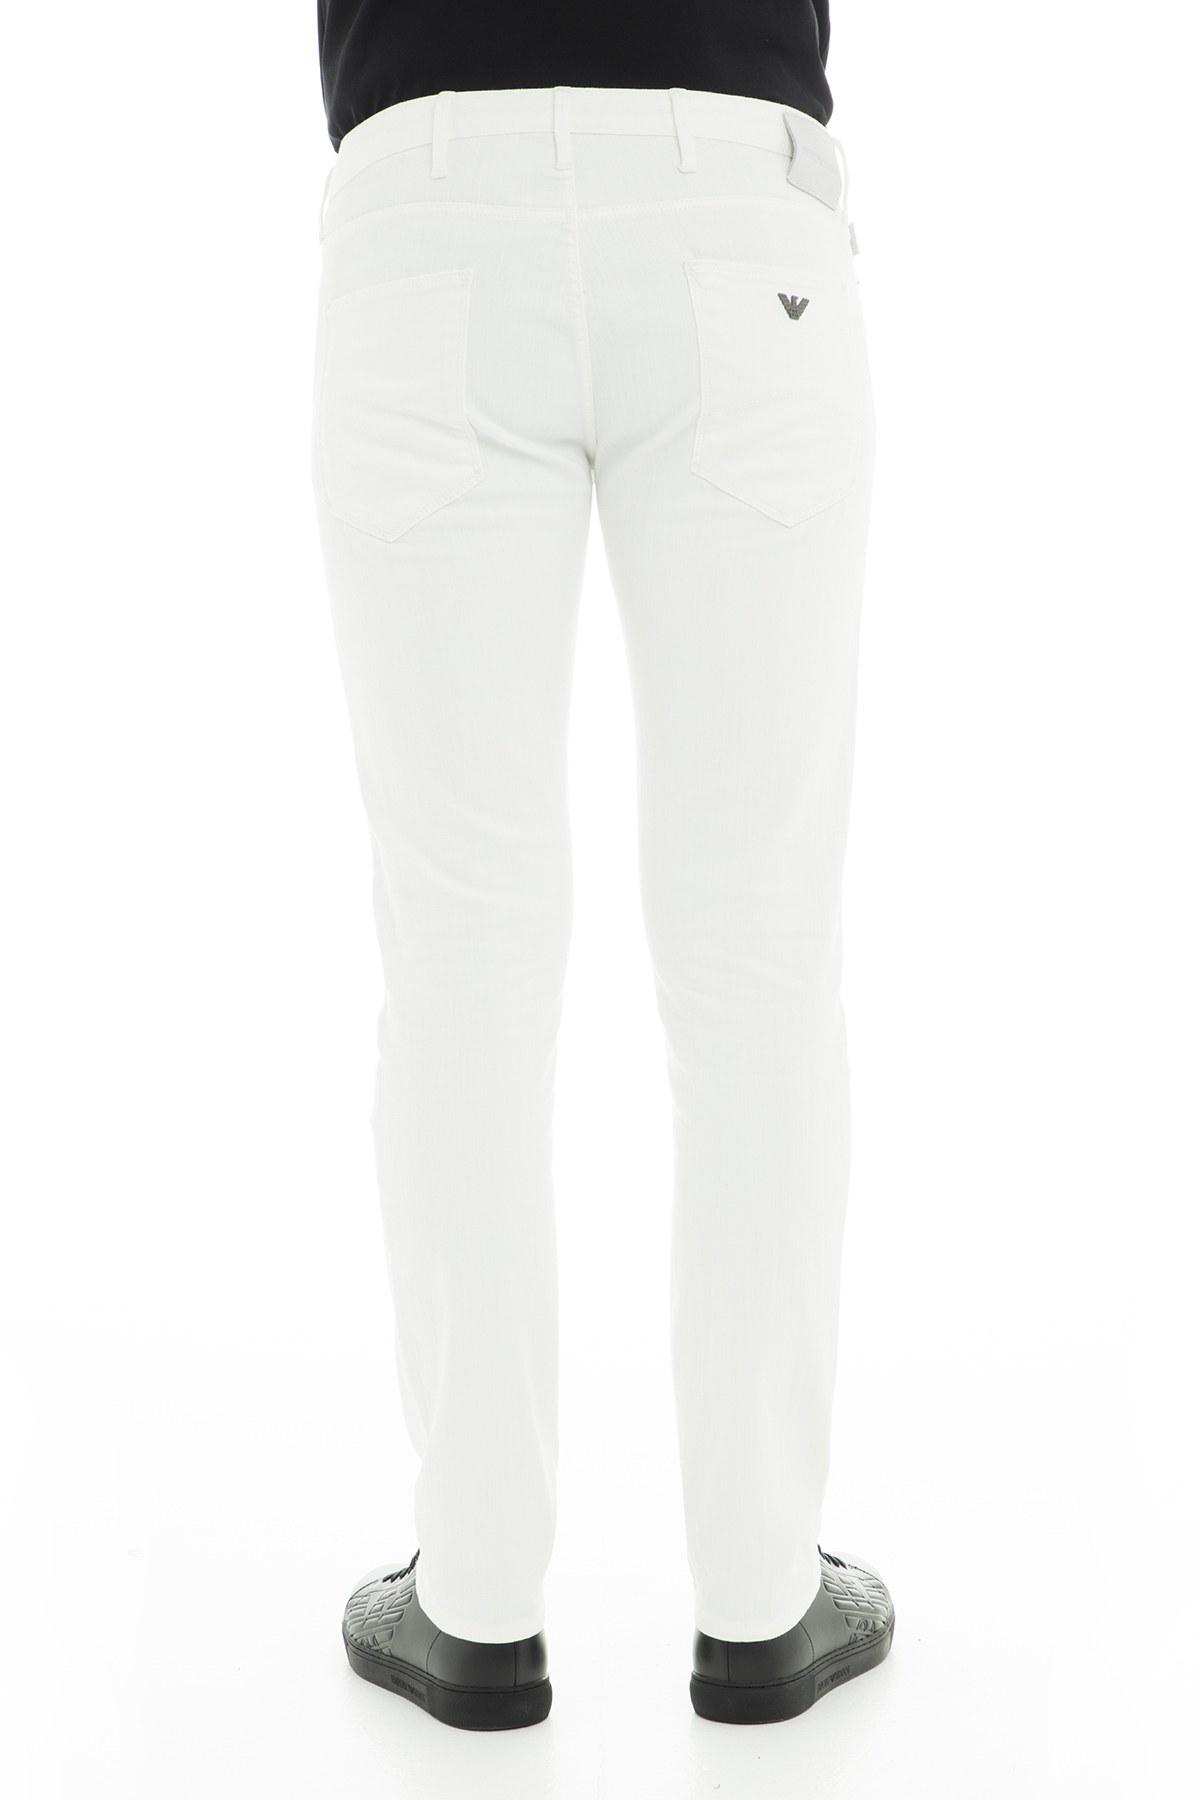 Emporio Armani J06 Jeans Erkek Kot Pantolon 3G1J06 1D2CZ 0135 BEYAZ